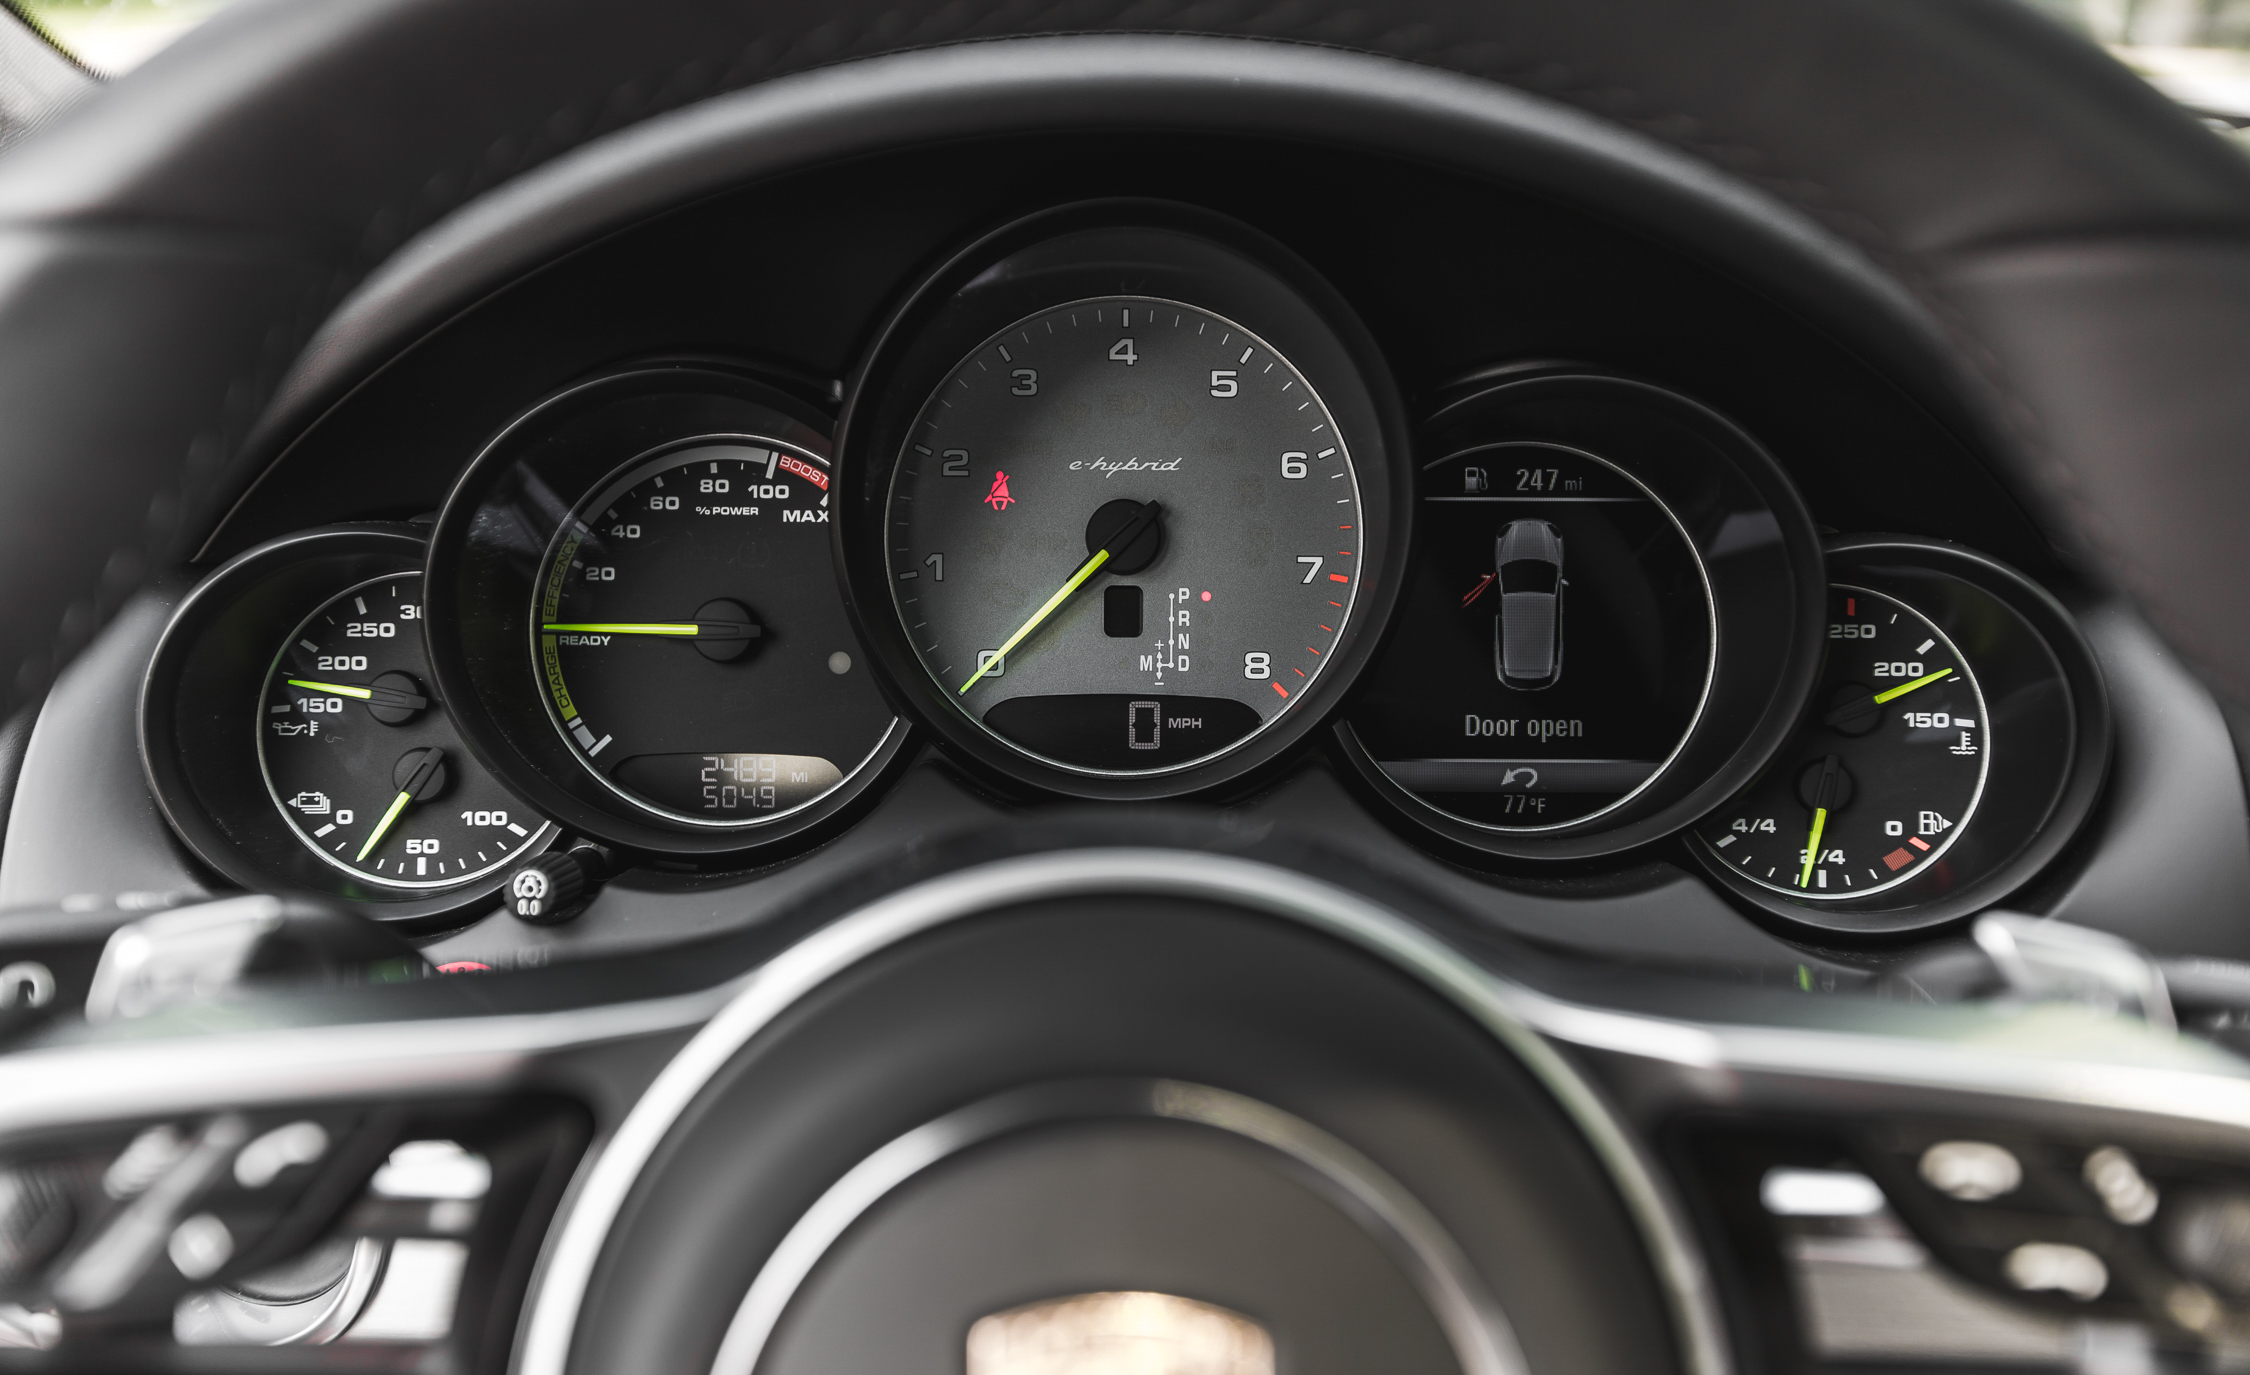 2015 porsche cayenne s e hybrid interior speedometer - Porsche 2015 Interior